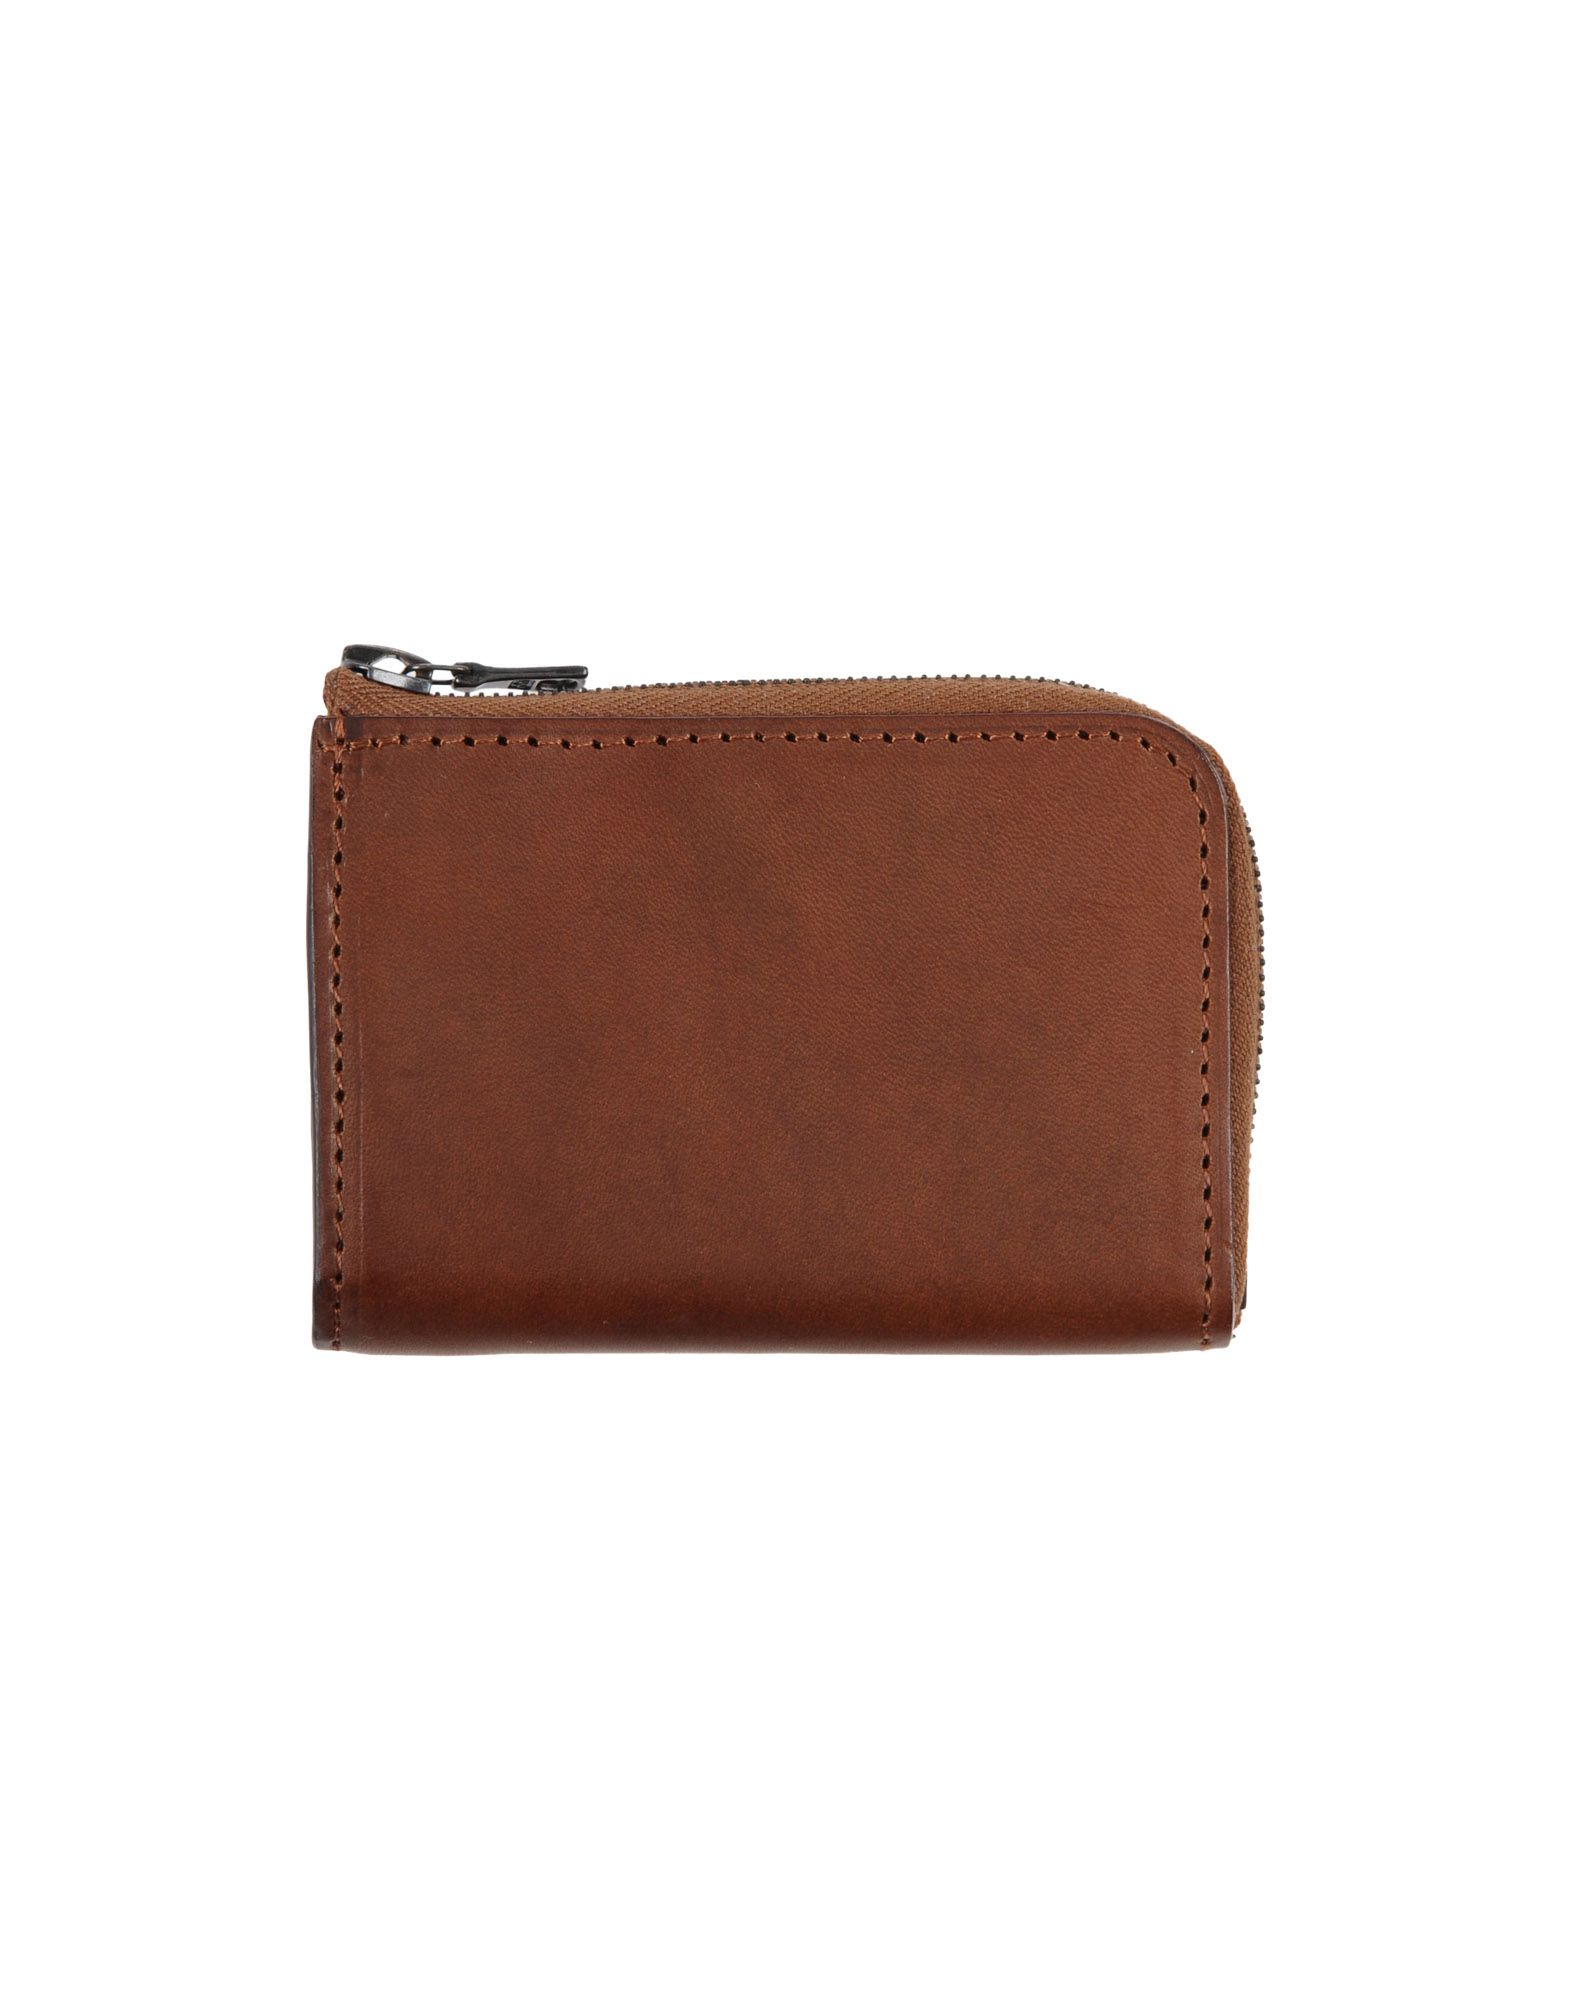 ISAAC REINA Кошелек для монет pink dandelion design кожа pu откидной крышки кошелек для карты держатель для samsung j5prime